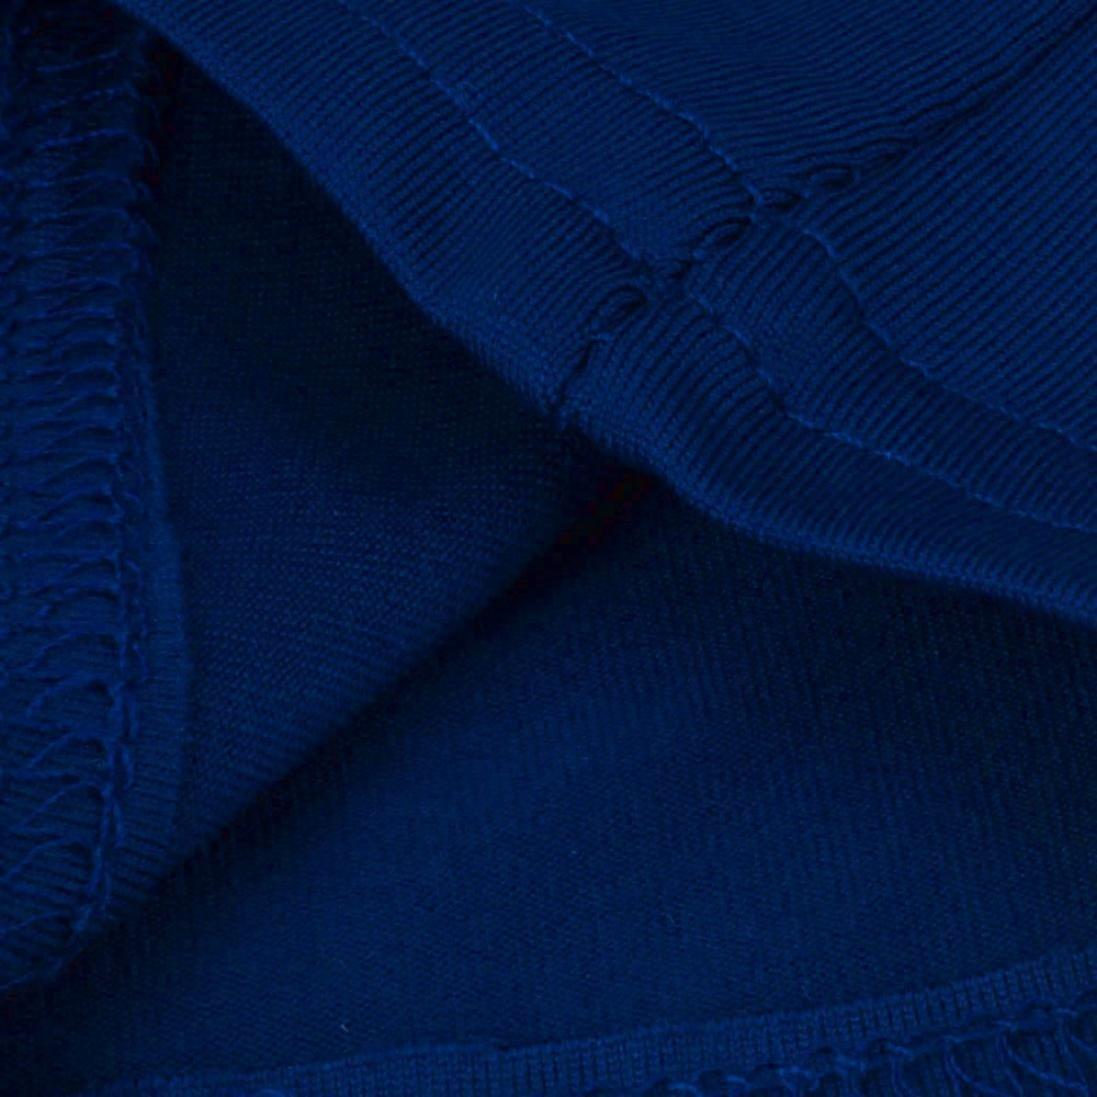 S, Blu Pagliaccetti Bodysuit,Jumpsuit Rompers Playsuits,YanhooPantaloni Lunghi Della Tuta Del Club Della Tuta Del Pagliaccetto Aderente Senza Maniche Delle Donne